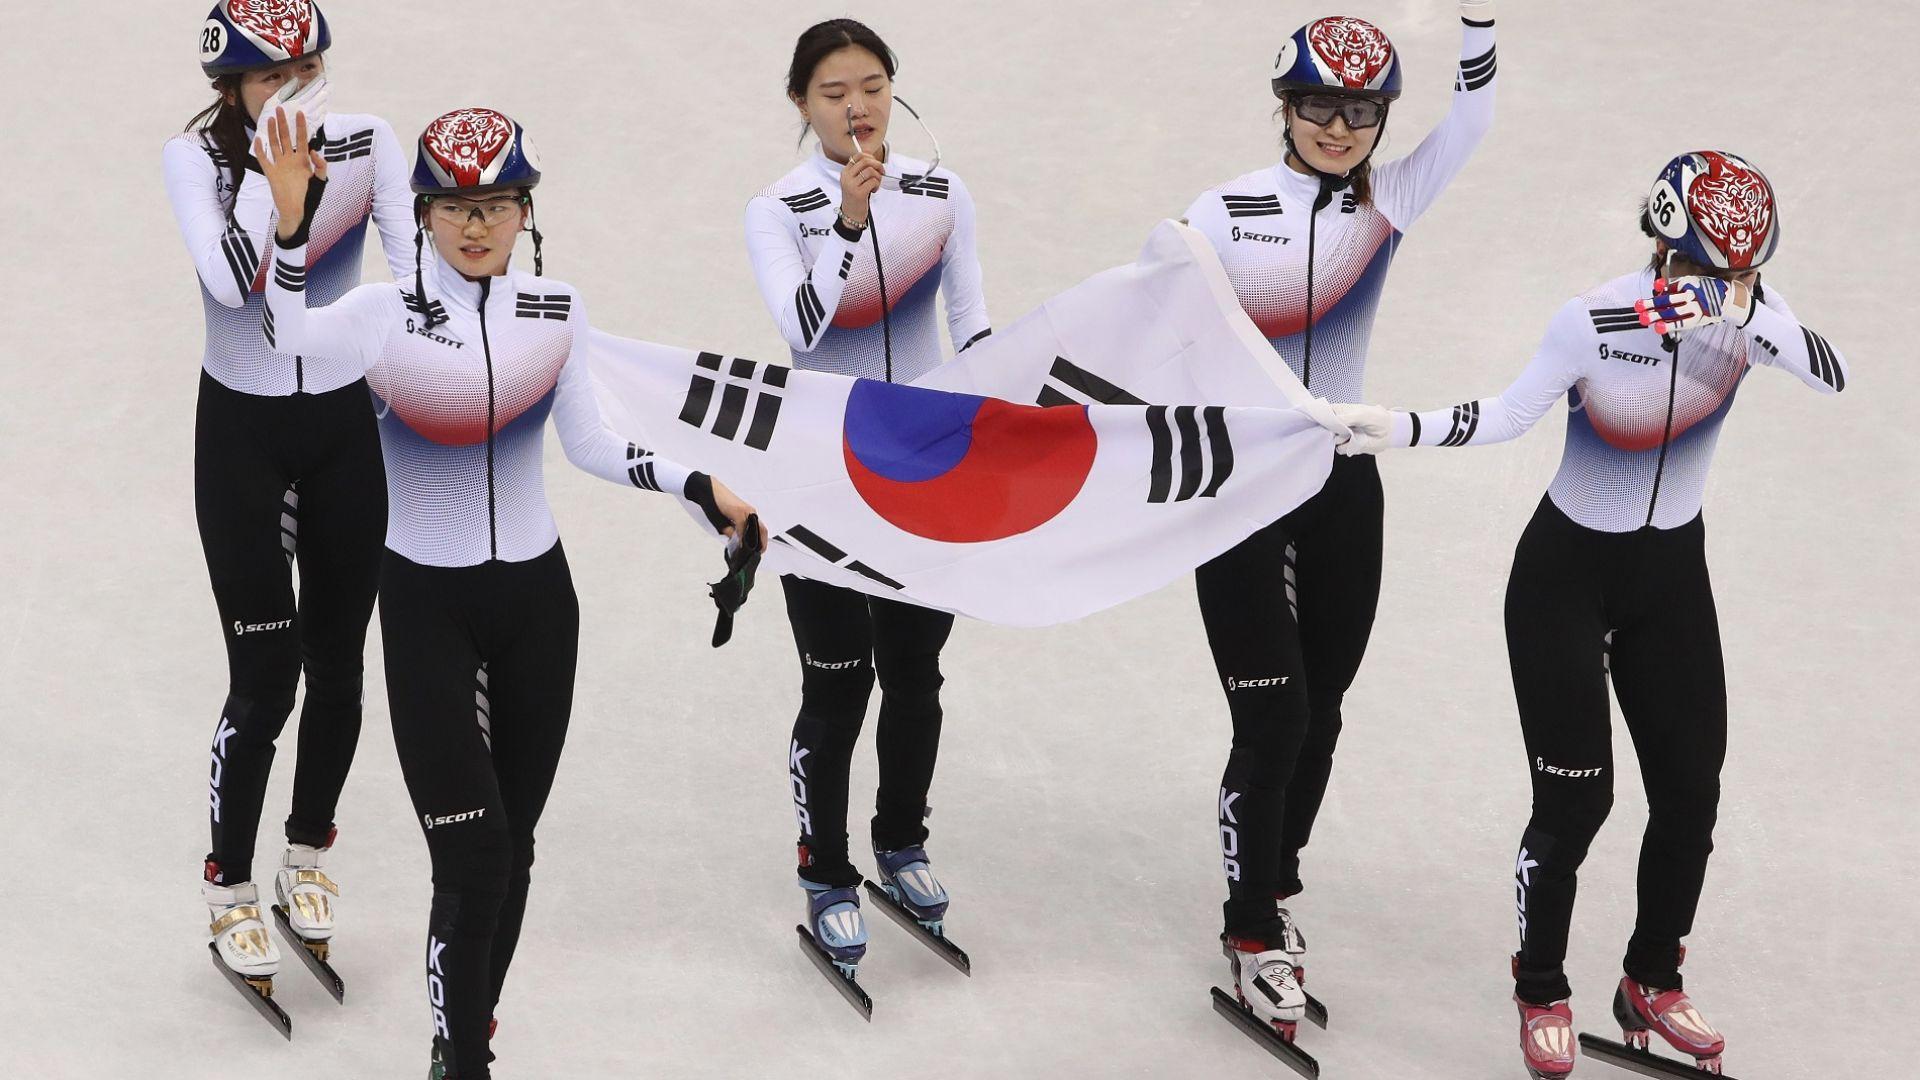 Обвиненията в сексуално насилие в корейския спорт продължават